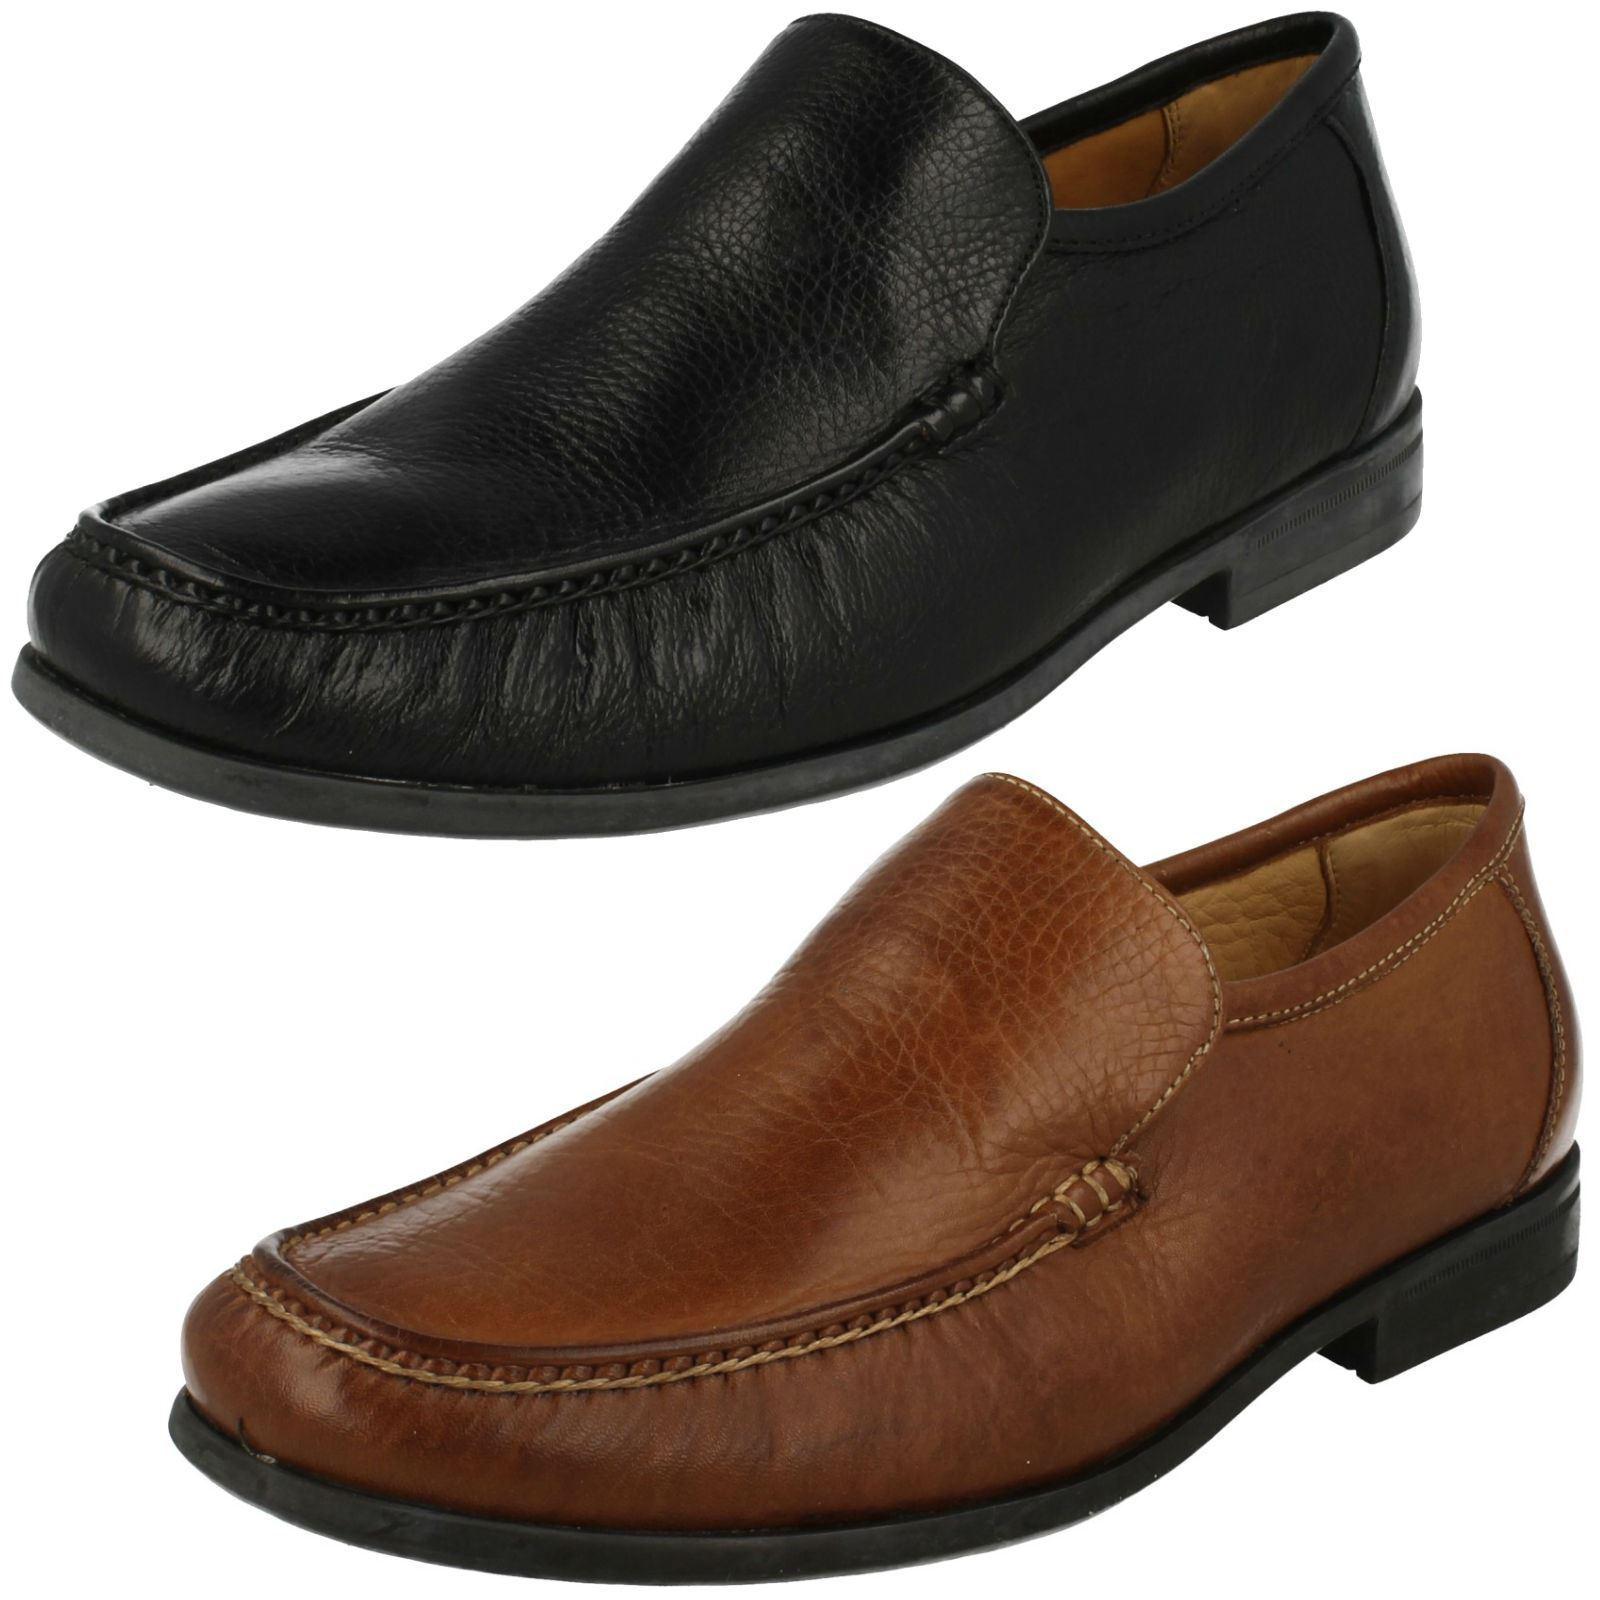 Billig gute Qualität Mens Anatomic Loafer Shoes 'Torres'